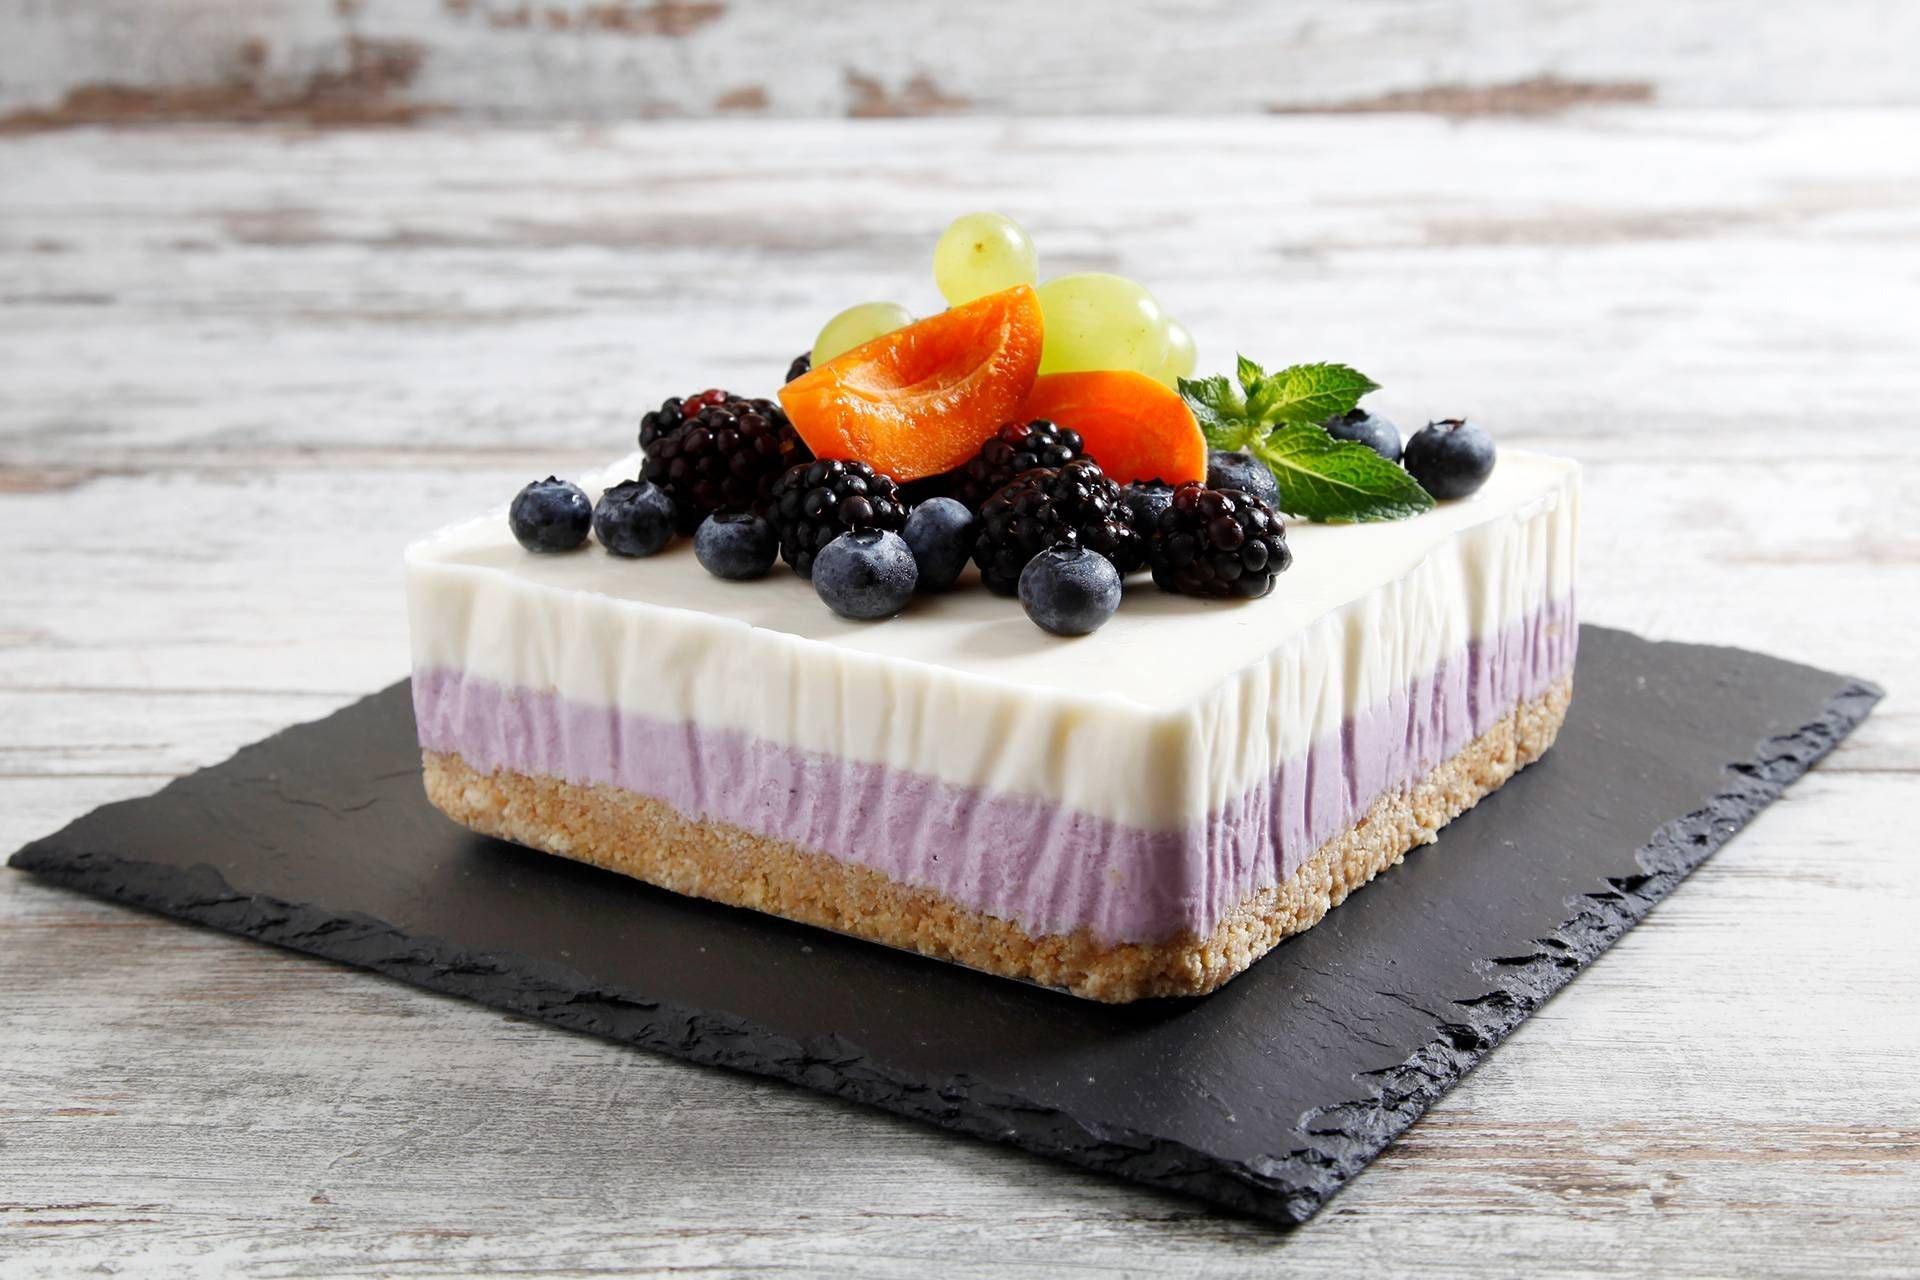 Cheesecake ai Mirtilli con Panna Fresca - Parmalat